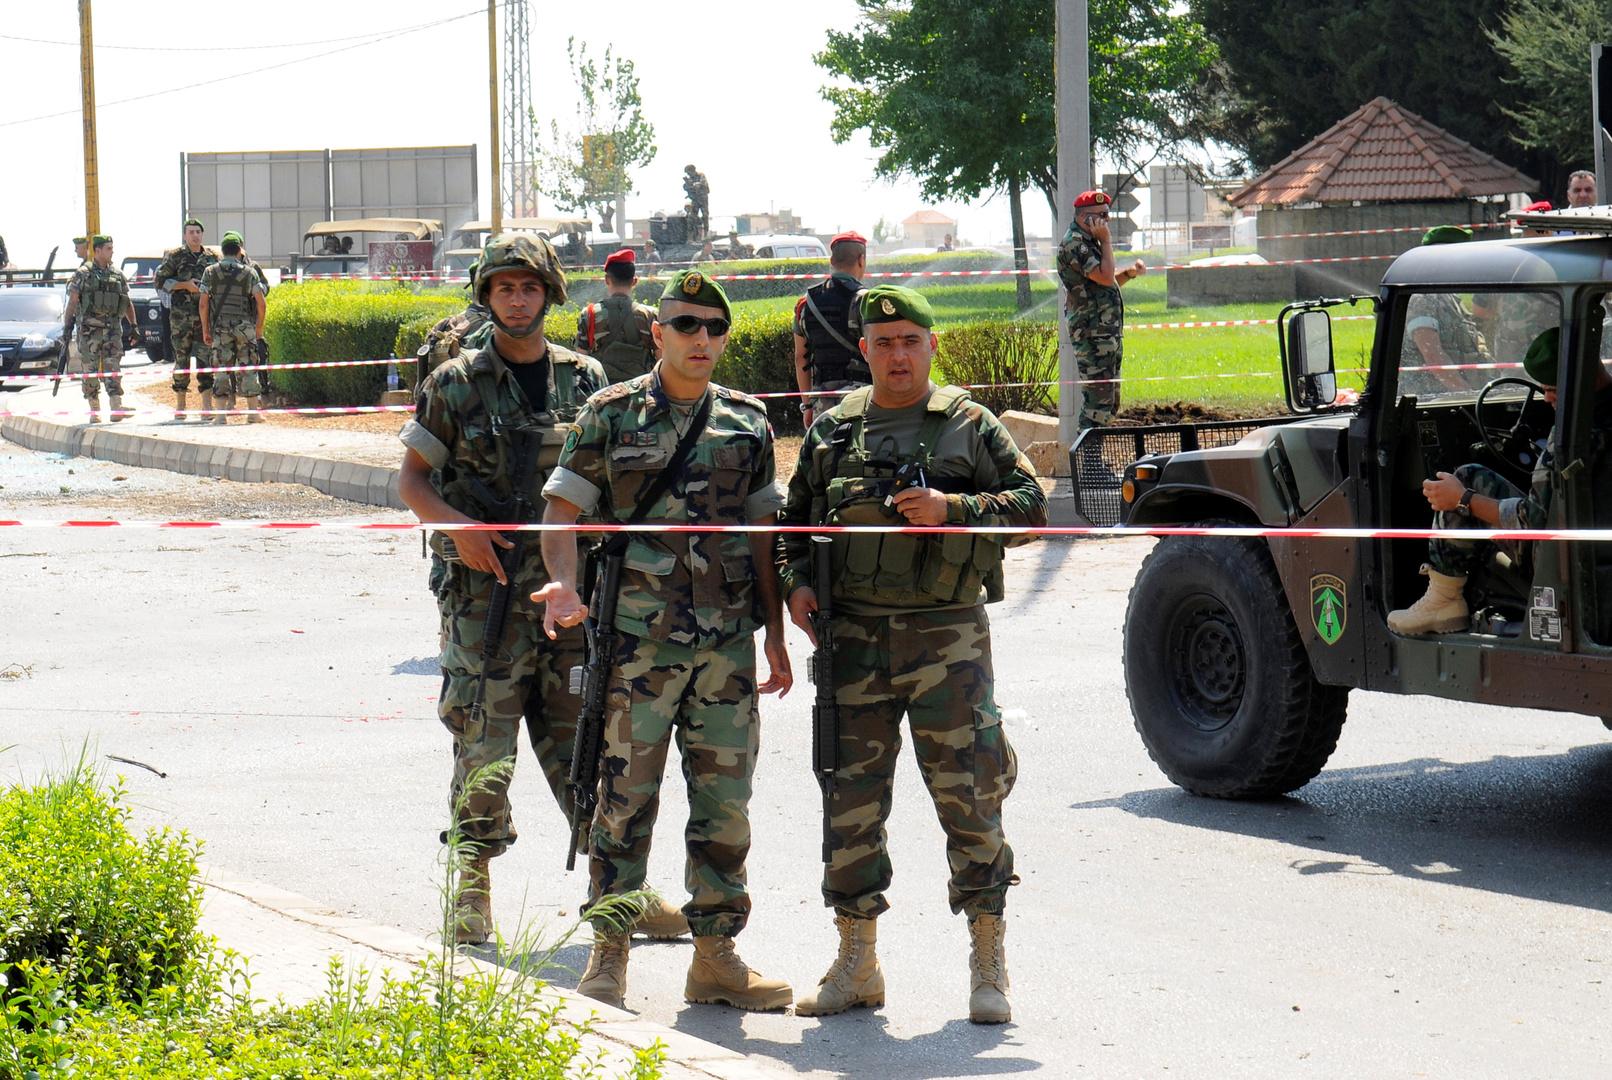 لبنان.. مقتل اثنين من العسكريين خلال ملاحقة عصابة سرقة سيارات